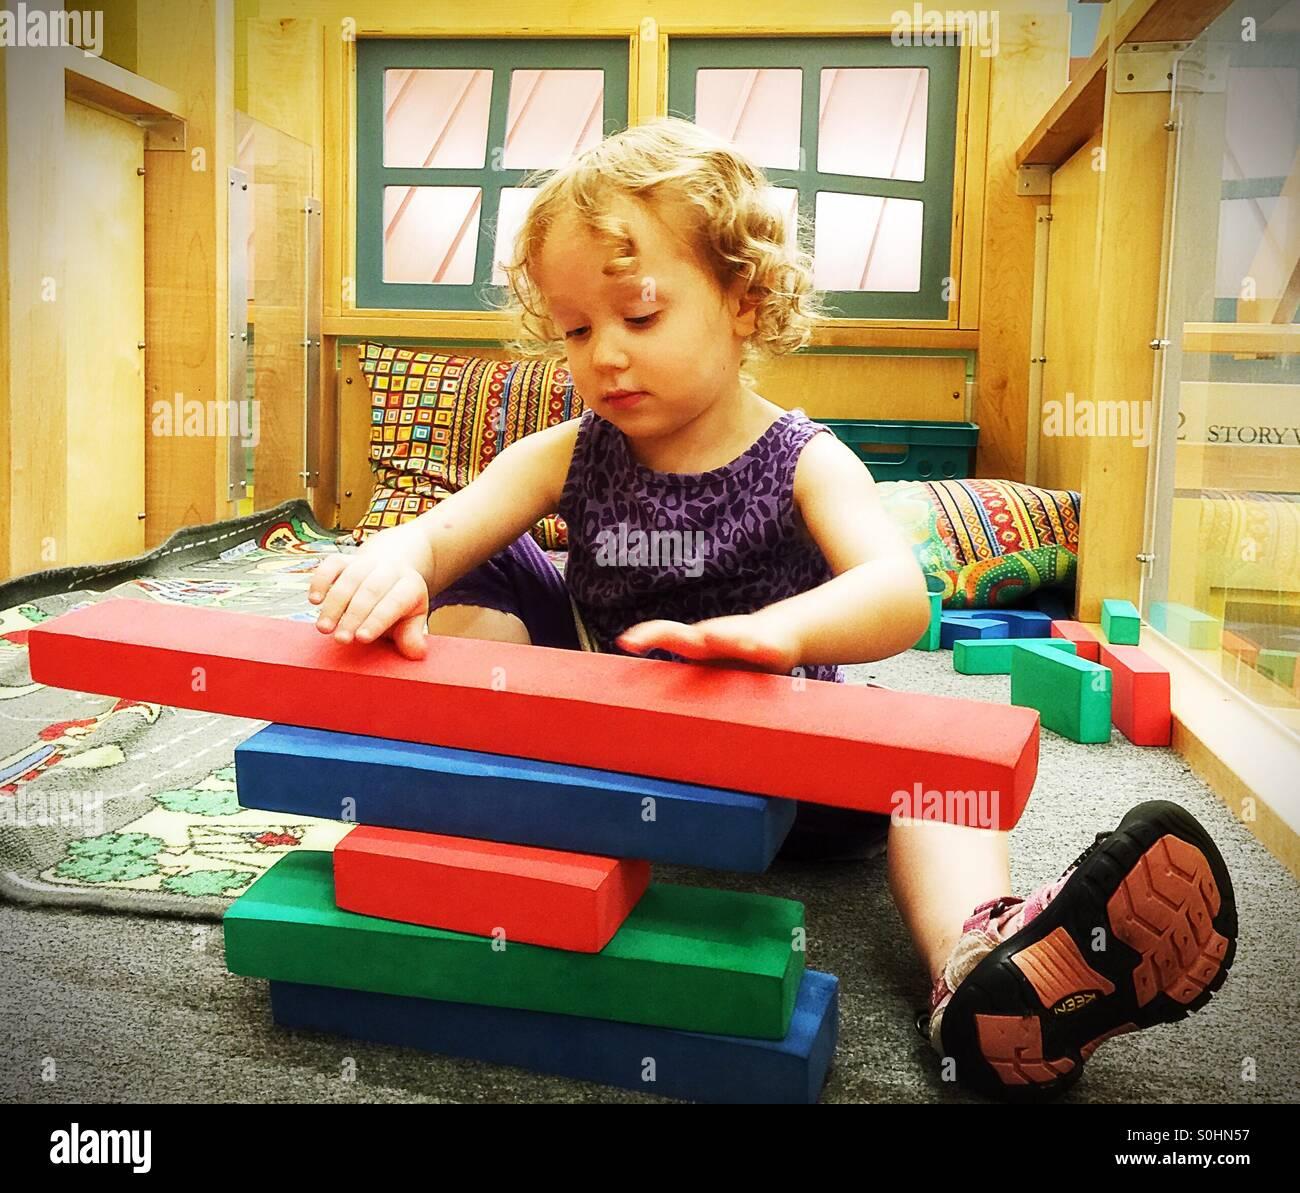 La construcción con bloques de un niño en edad preescolar Imagen De Stock